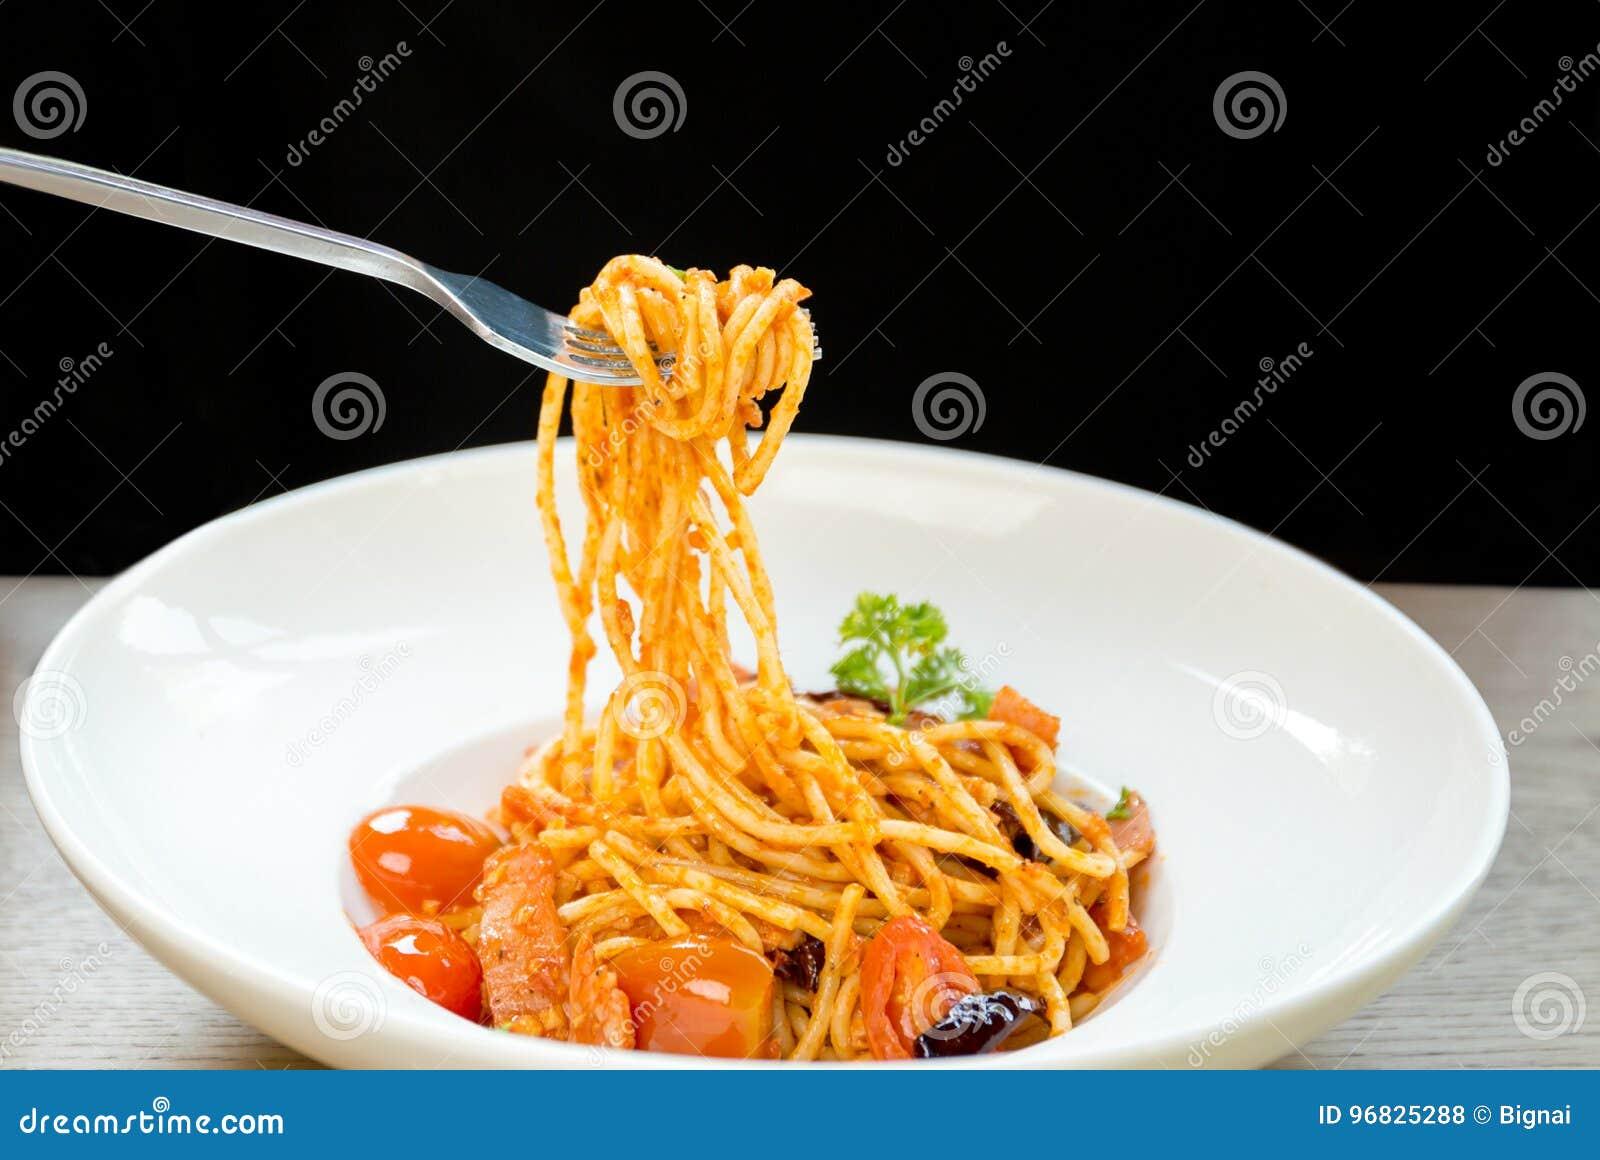 Итальянская женщина еды есть спагетти с вилкой в белой плите